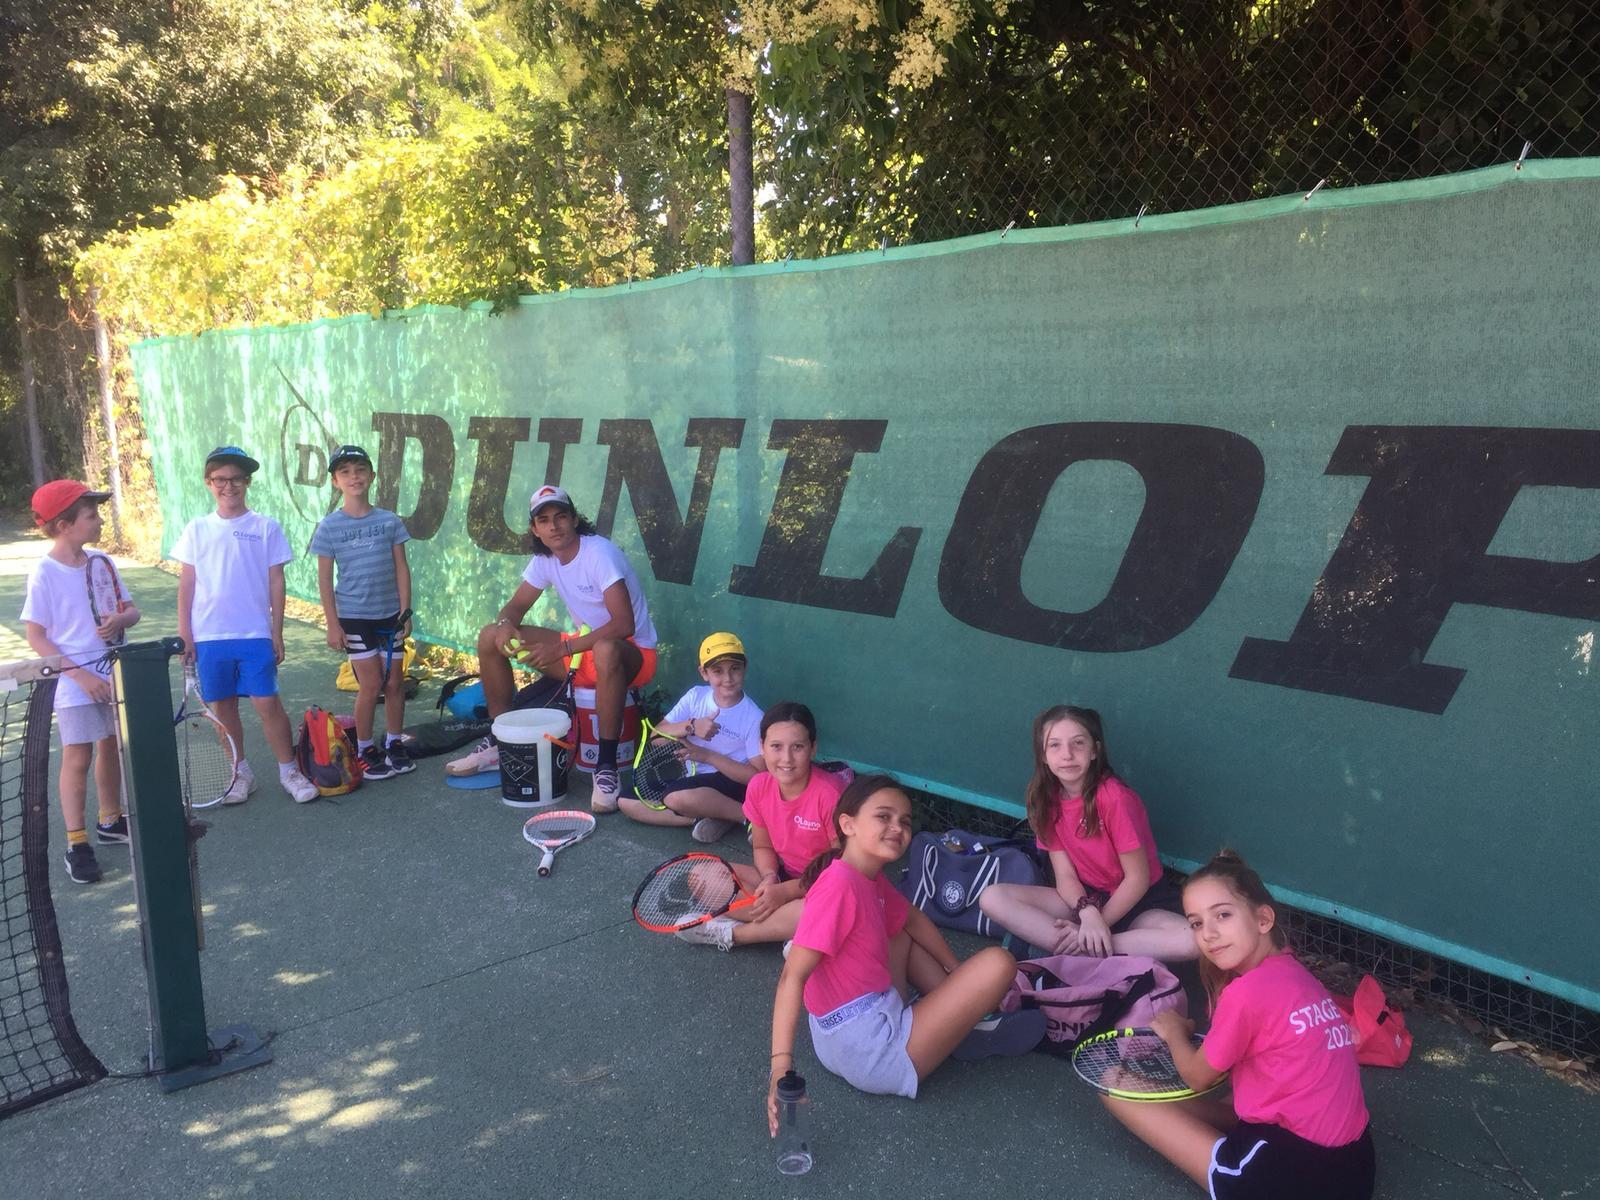 ecole de tennis du park - les accates - olivier launo 4